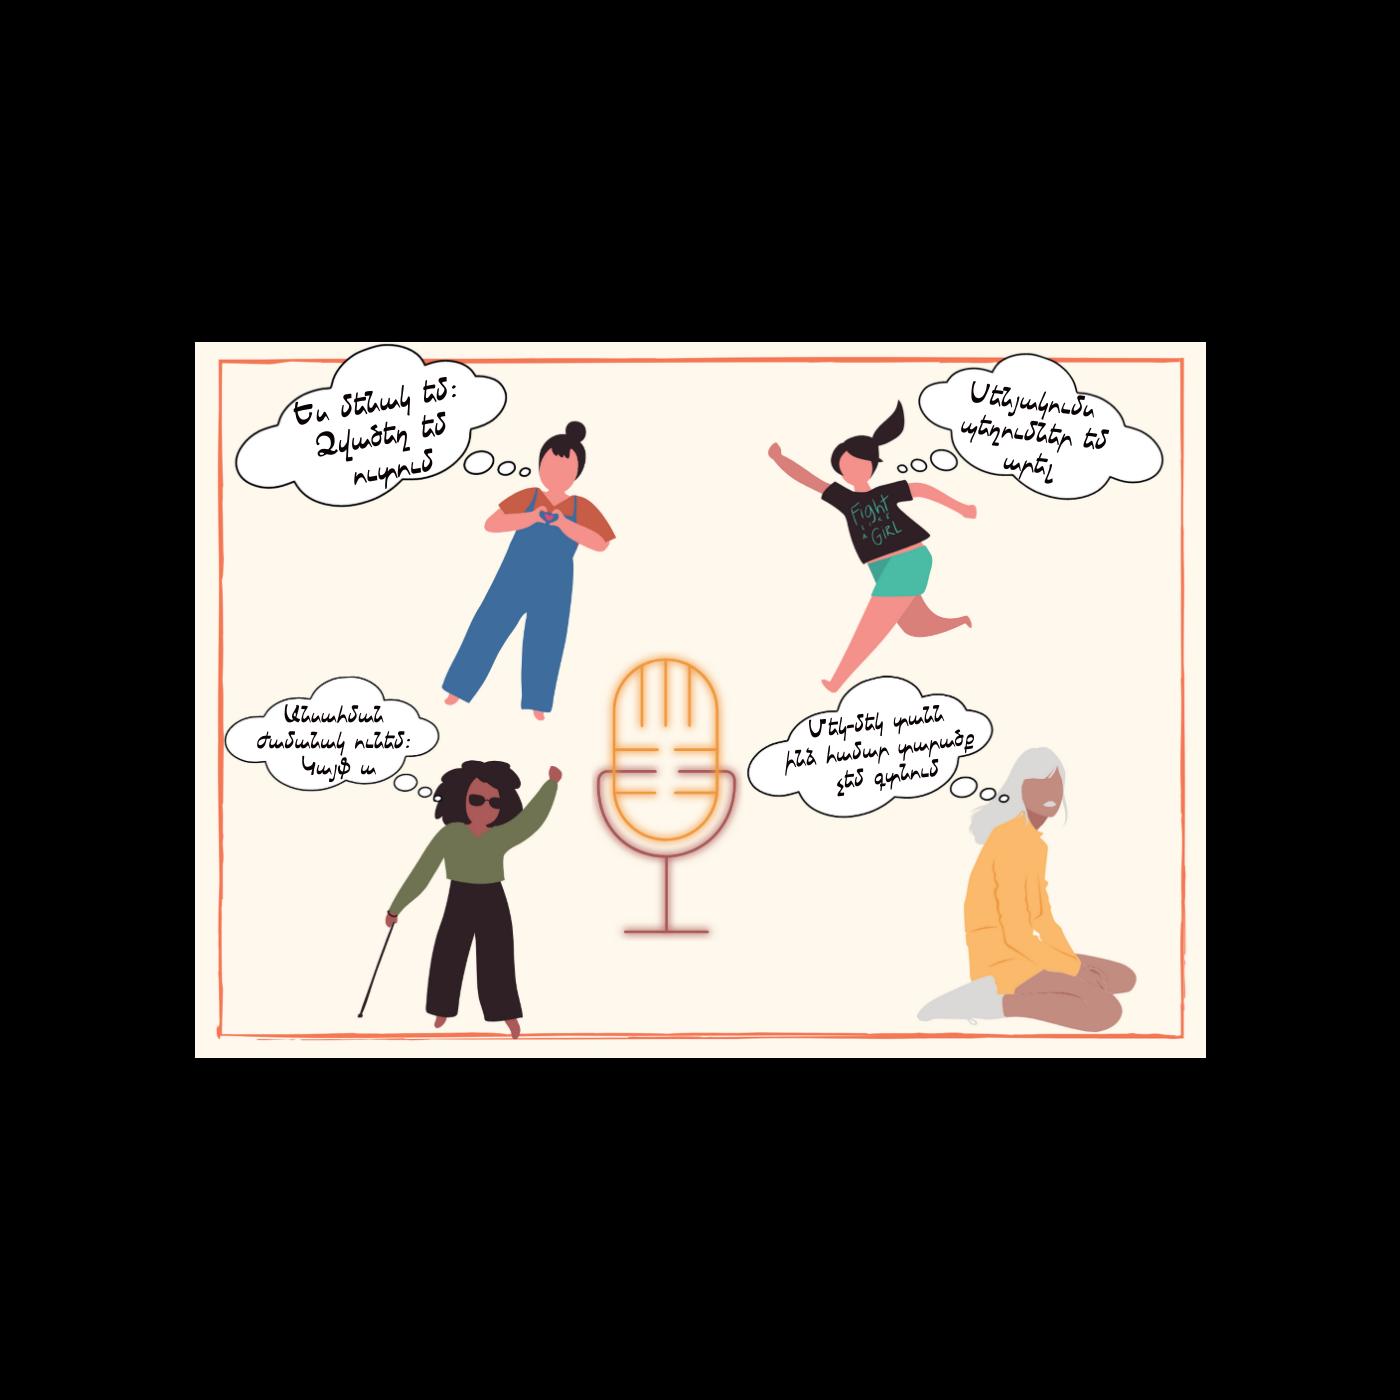 Աղջիկները խոսում են  արտակարգ դրության և տանը մնալու դրական ու խնդրային կողմերի մասին